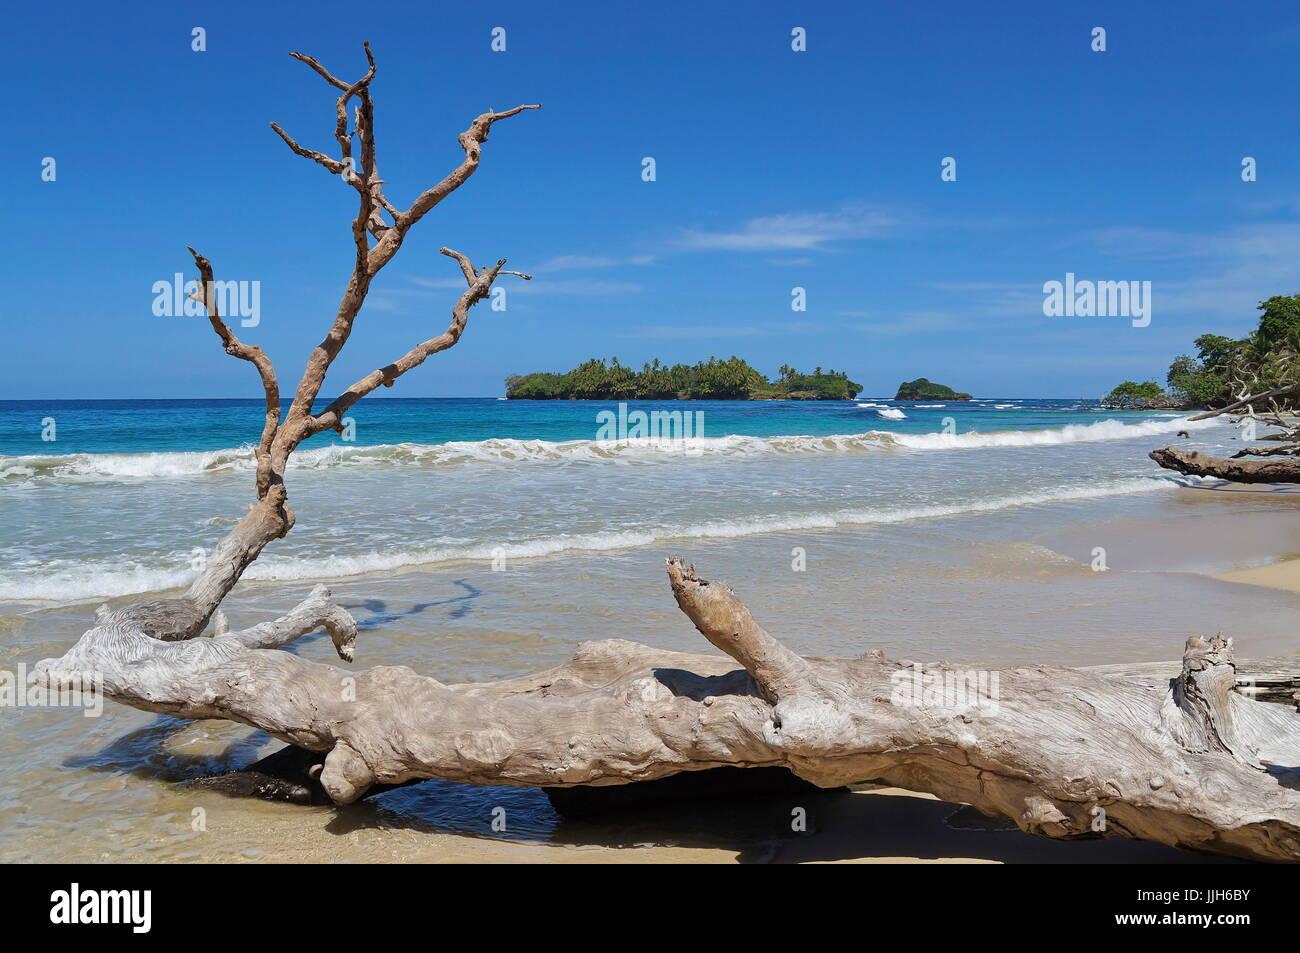 Driftwood grande tronco de árbol en un mar de arena con isla tropical en el fondo, el mar Caribe, Bastimentos, Imagen De Stock